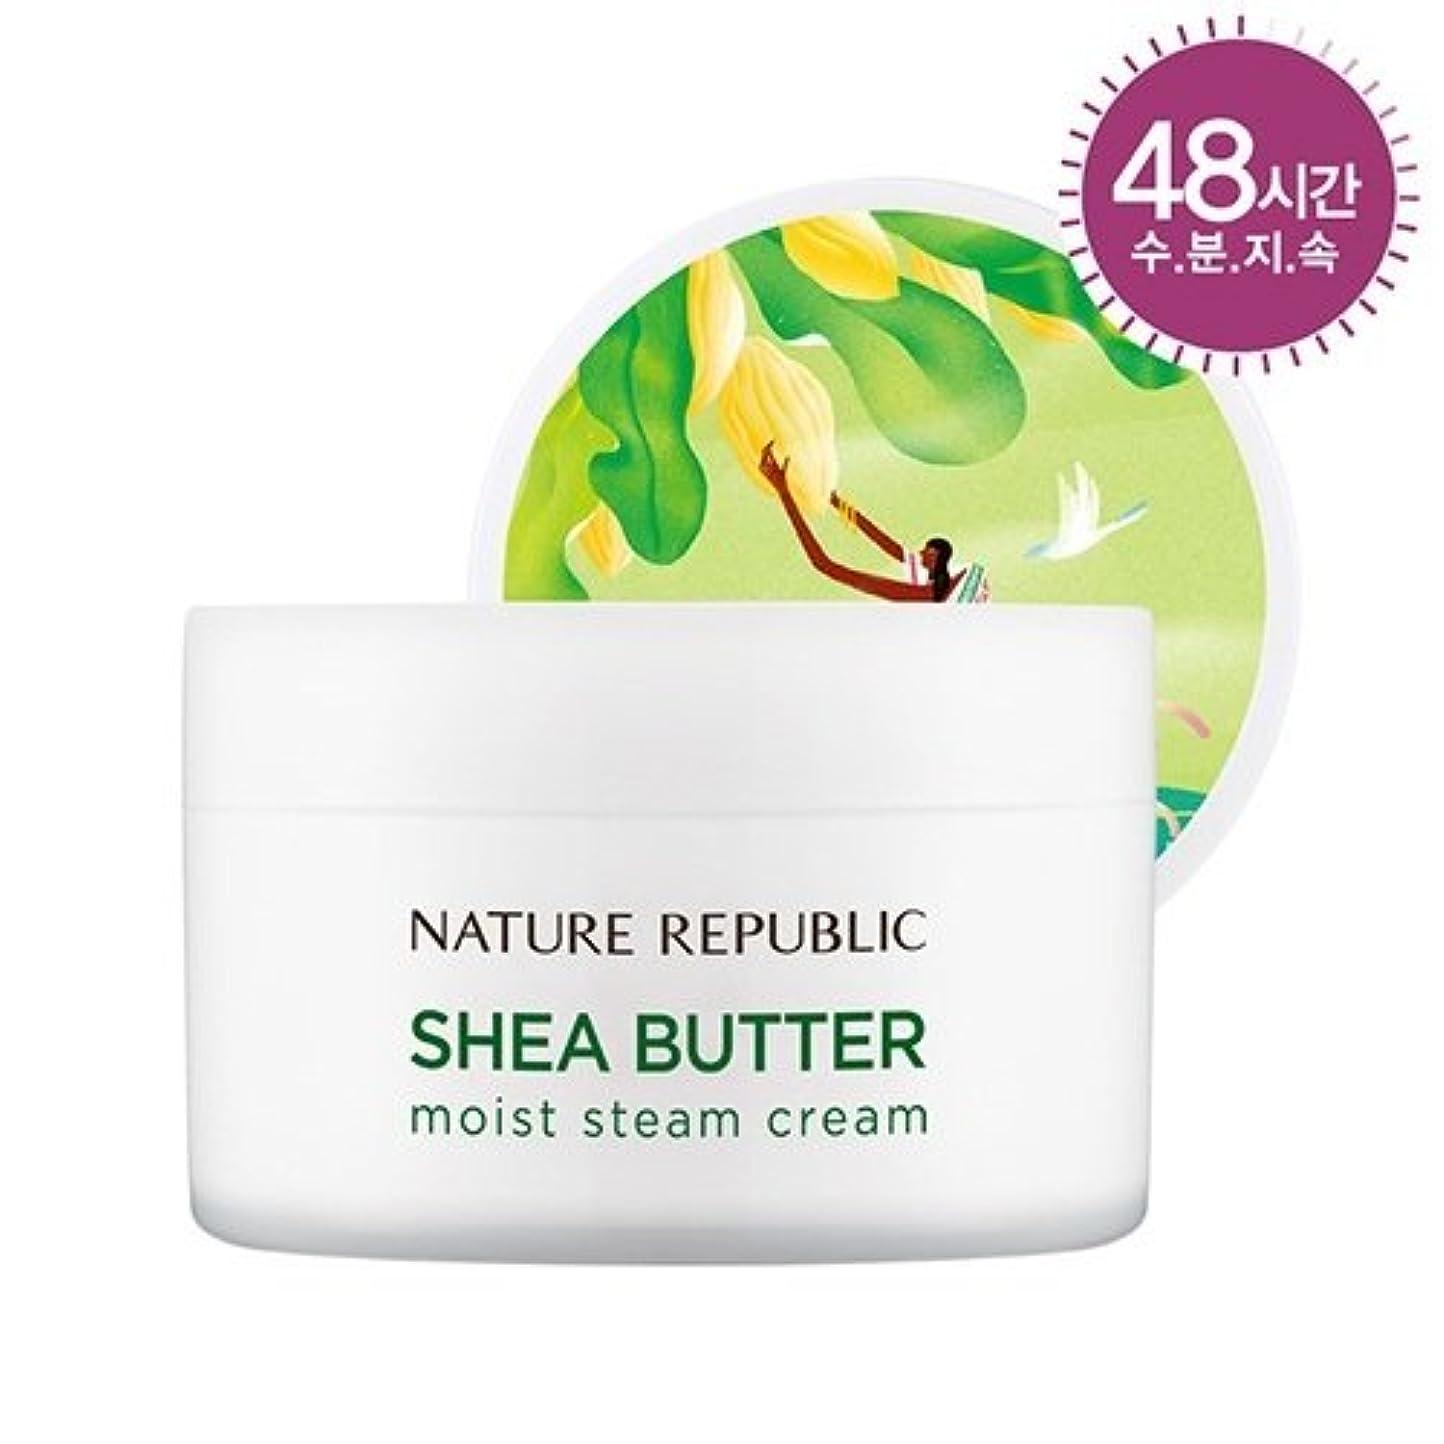 政令努力権利を与えるNATURE REPUBLIC(ネイチャーリパブリック) SHEA BUTTER STEAM CREAM シアバター スチーム クリーム #モイスト乾燥肌